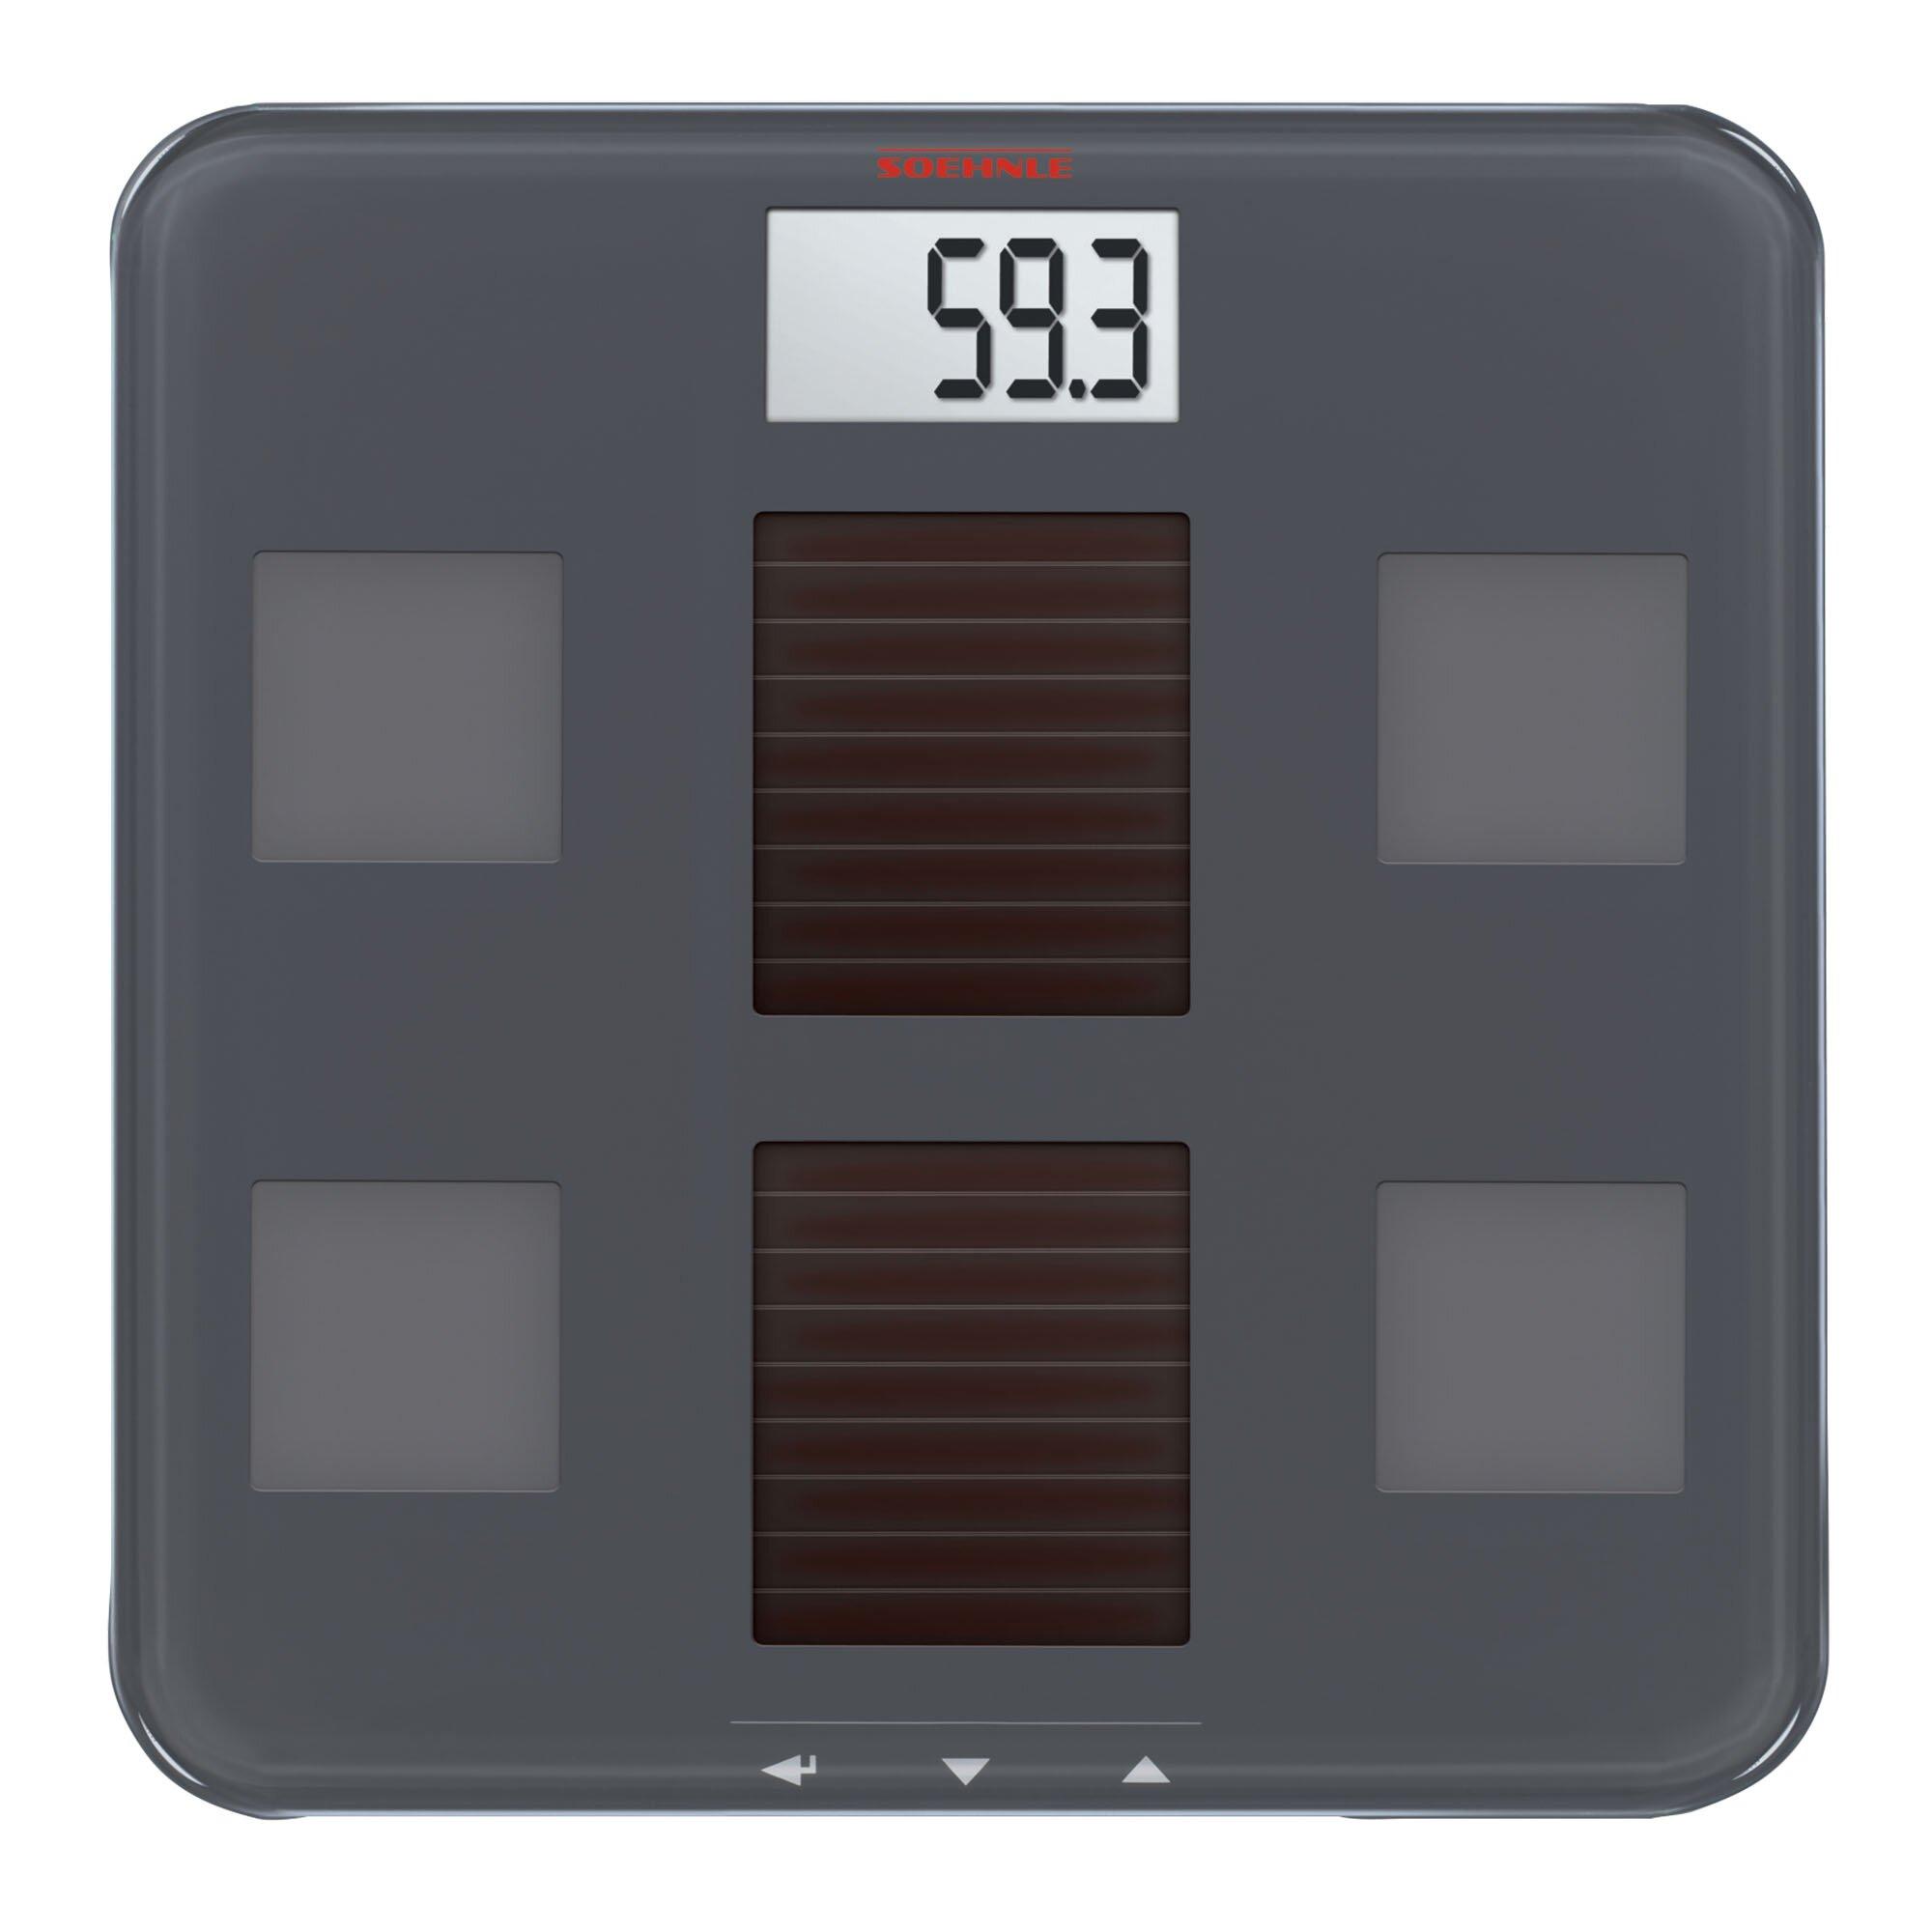 Bmi Bathroom Scale: Soehnle Solar Fit Body Precision Digital Analysis BMI